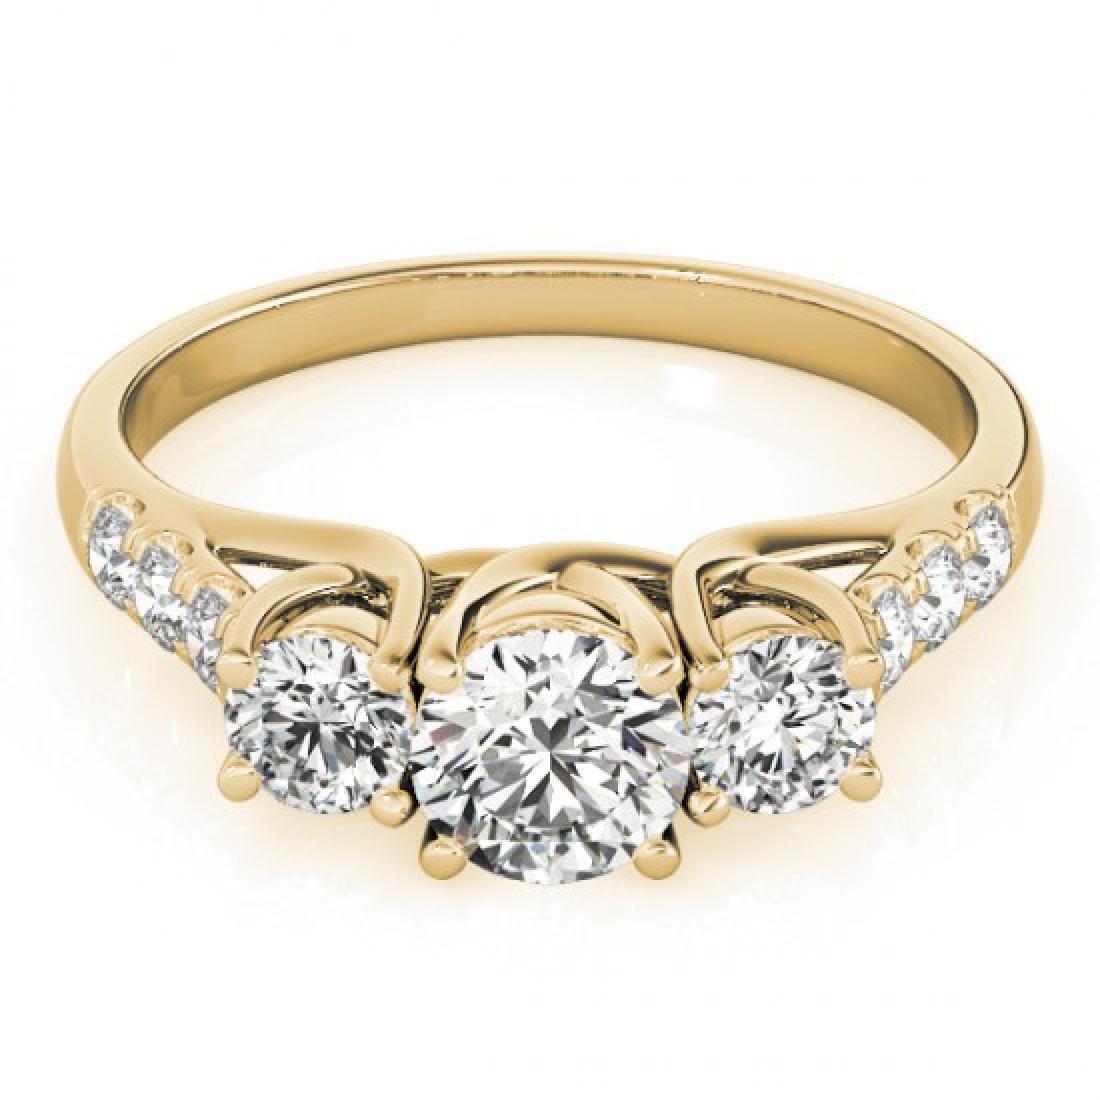 0.75 CTW Certified VS/SI Diamond 3 Stone Ring 14K